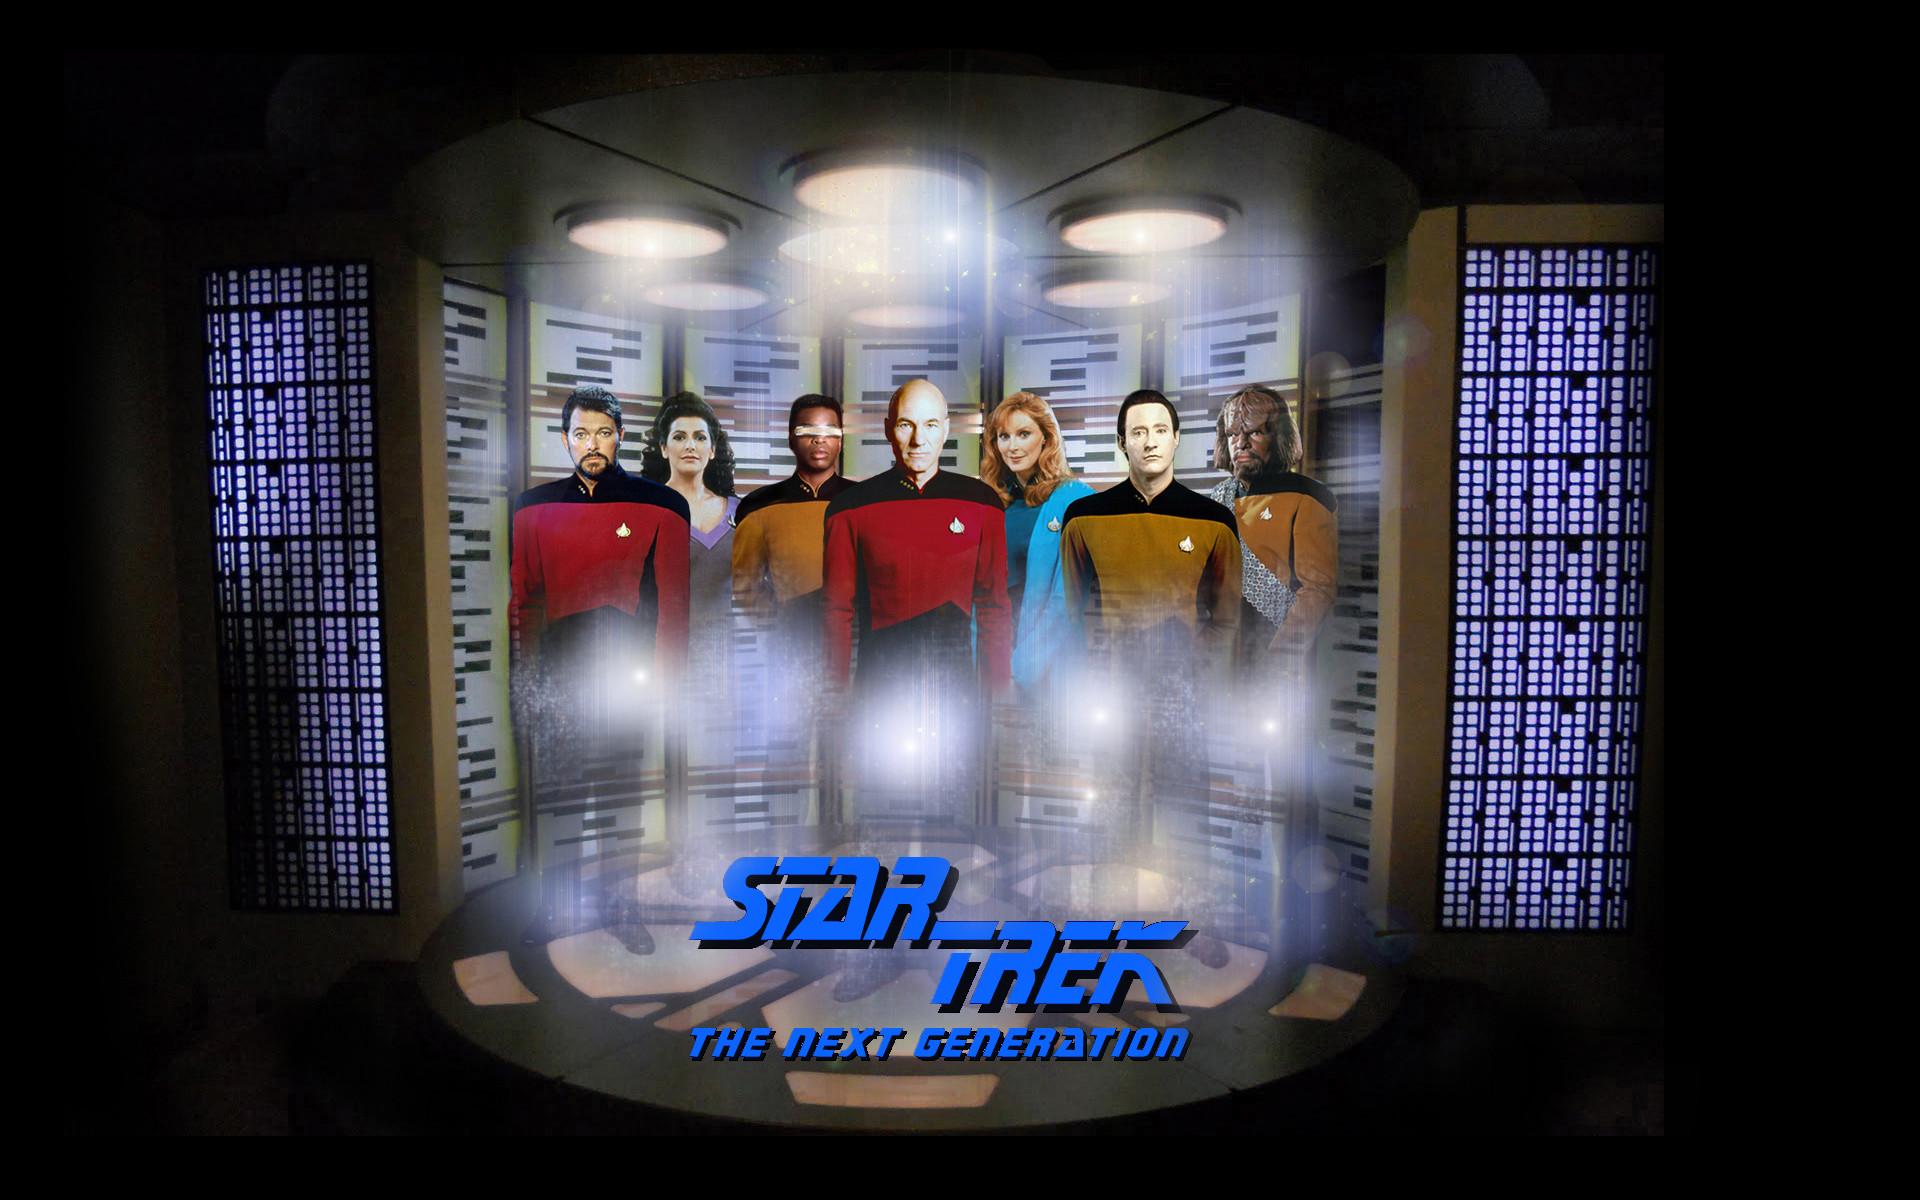 … Star Trek The Next Generation: Energize by 1darthvader